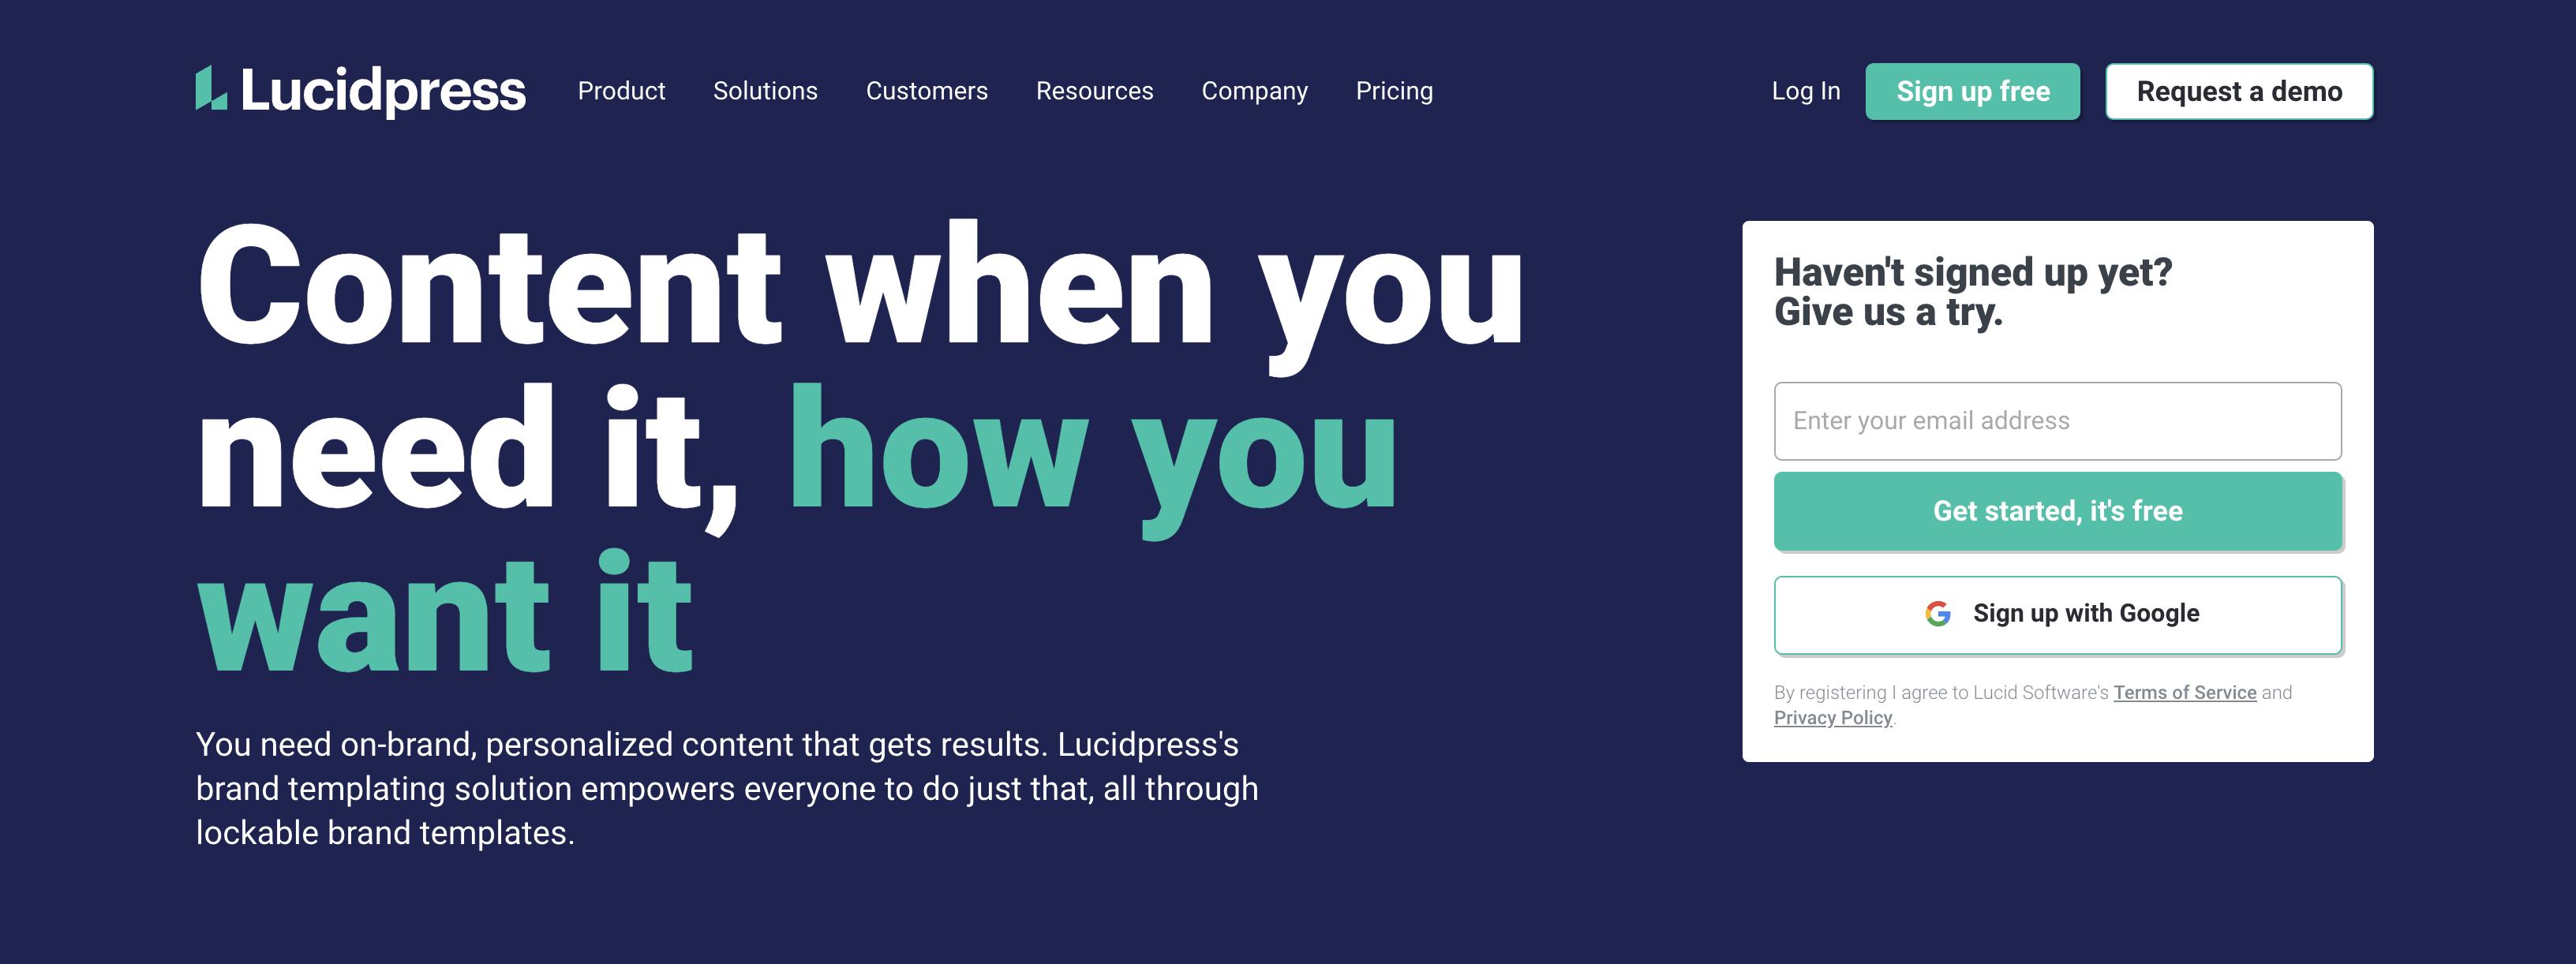 Lucidpress homepage screenshot